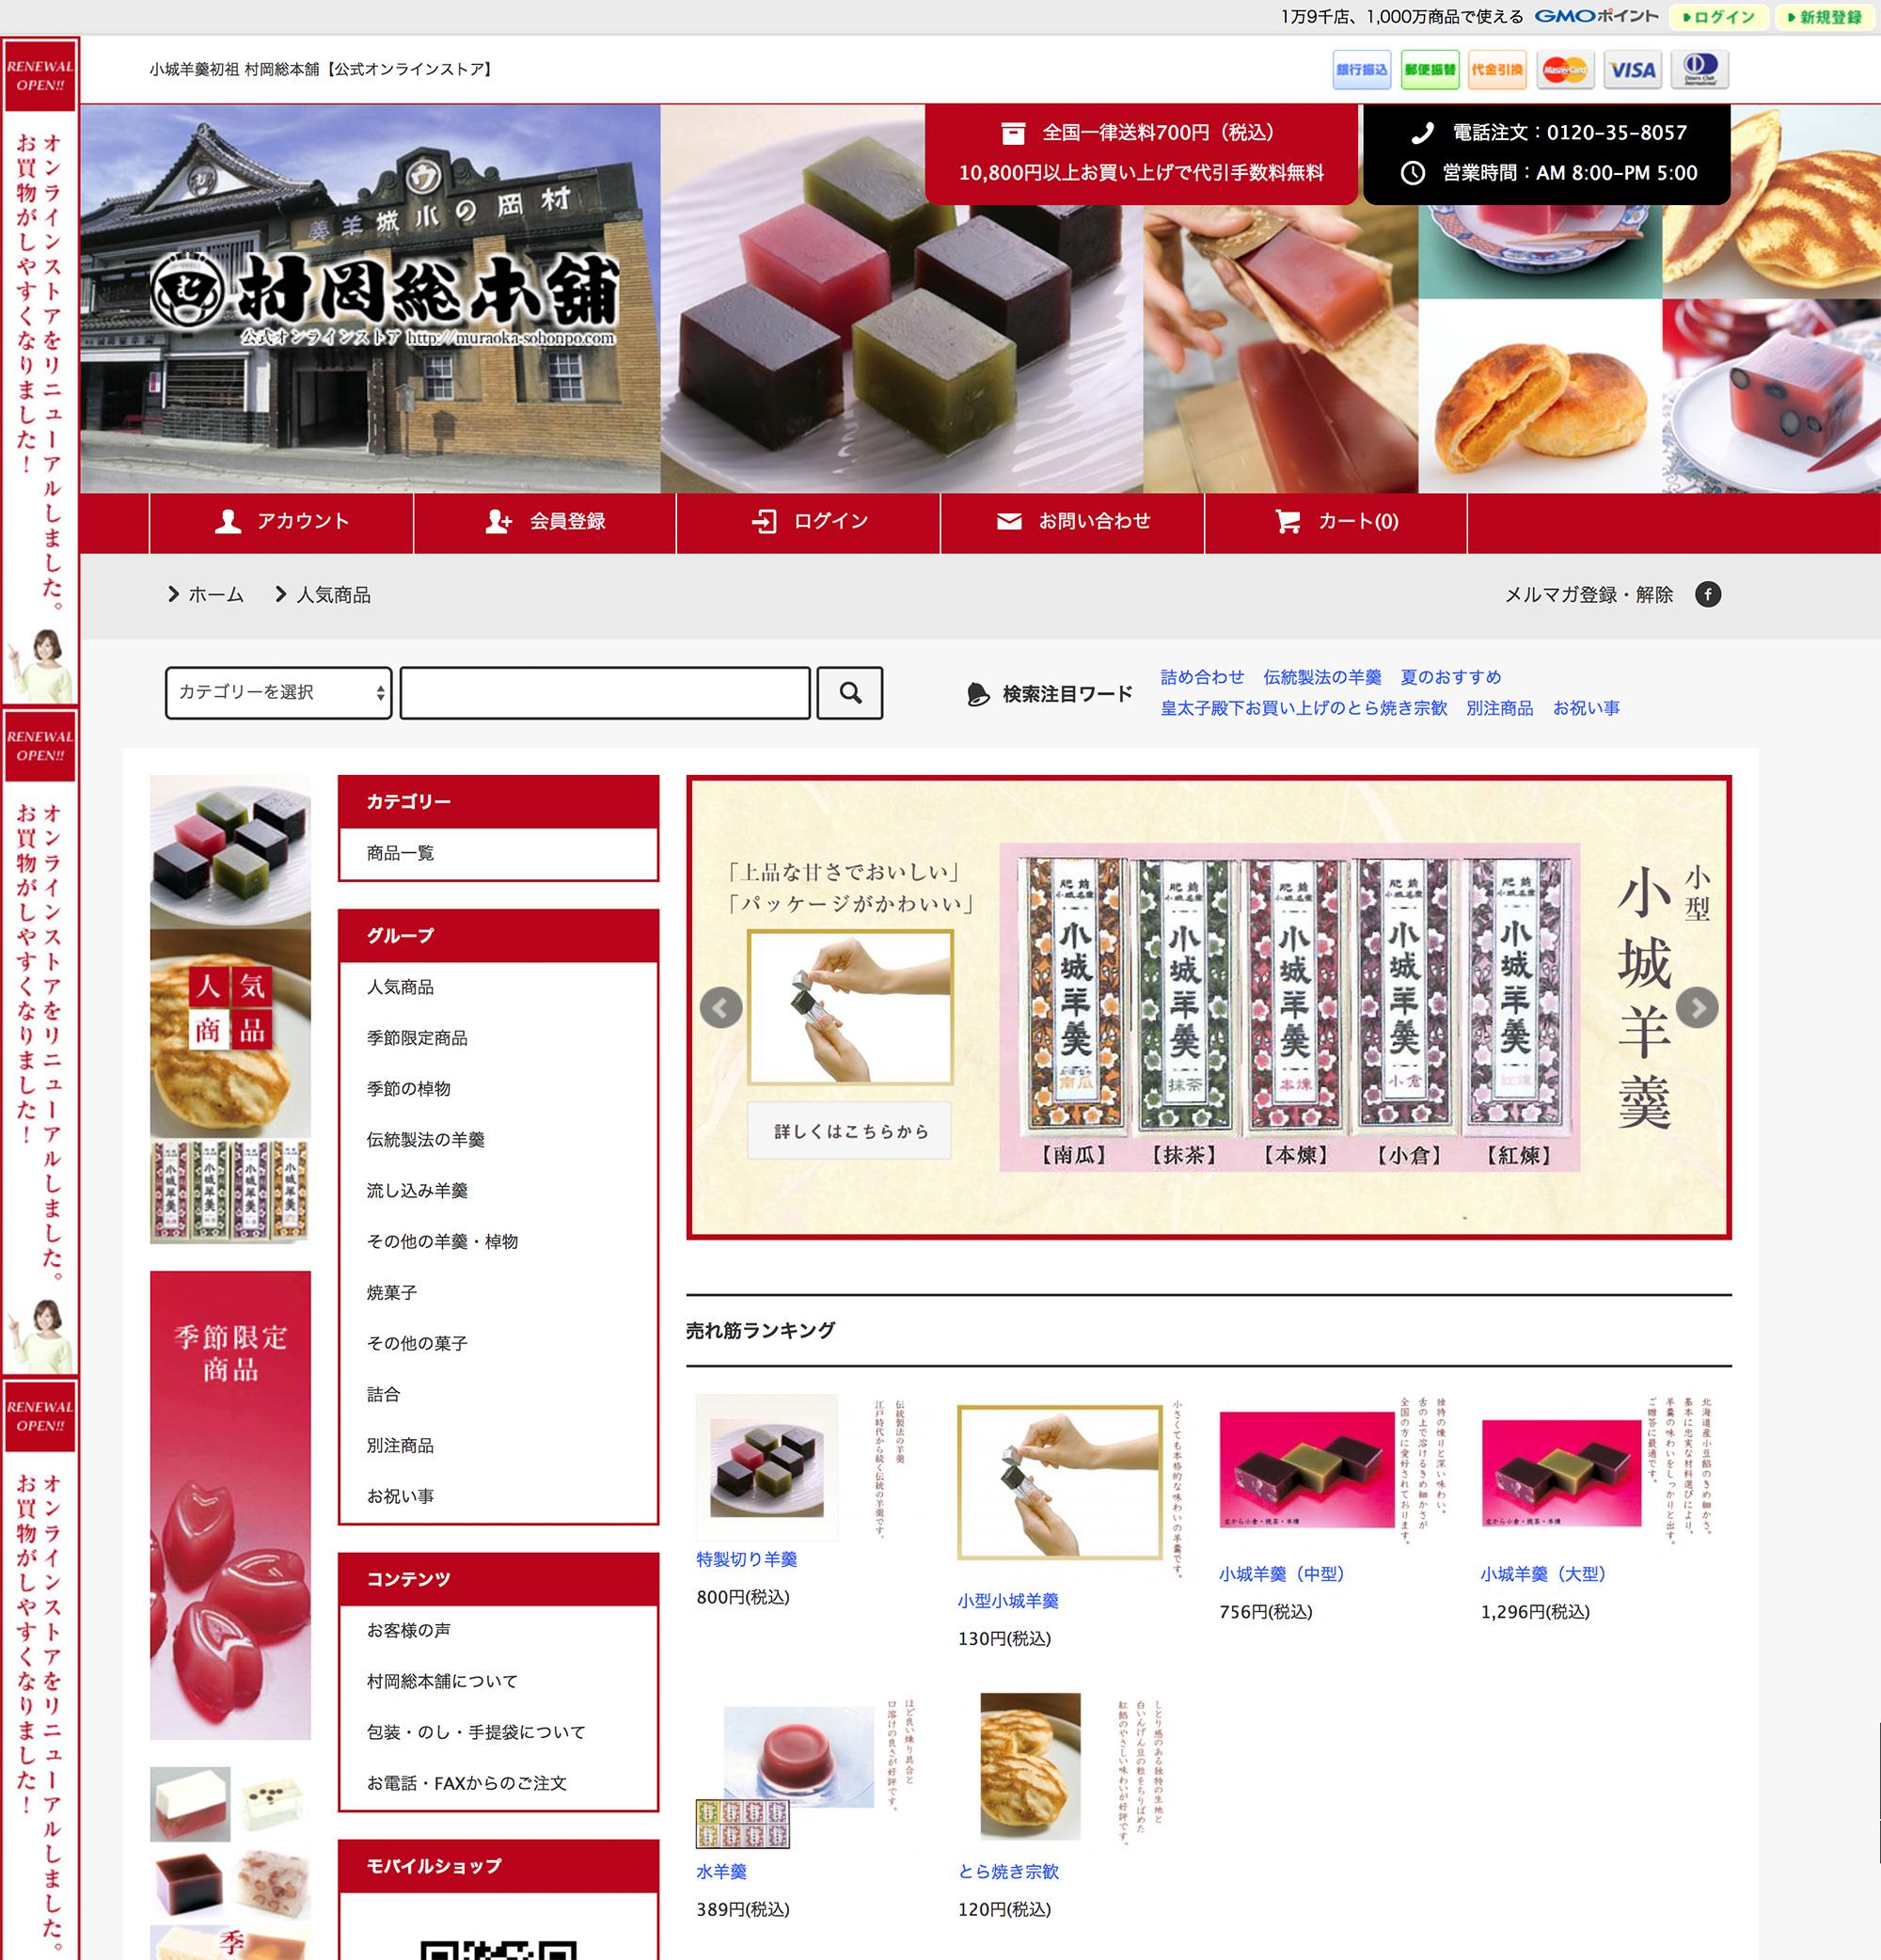 村岡総本舗 公式オンラインストア